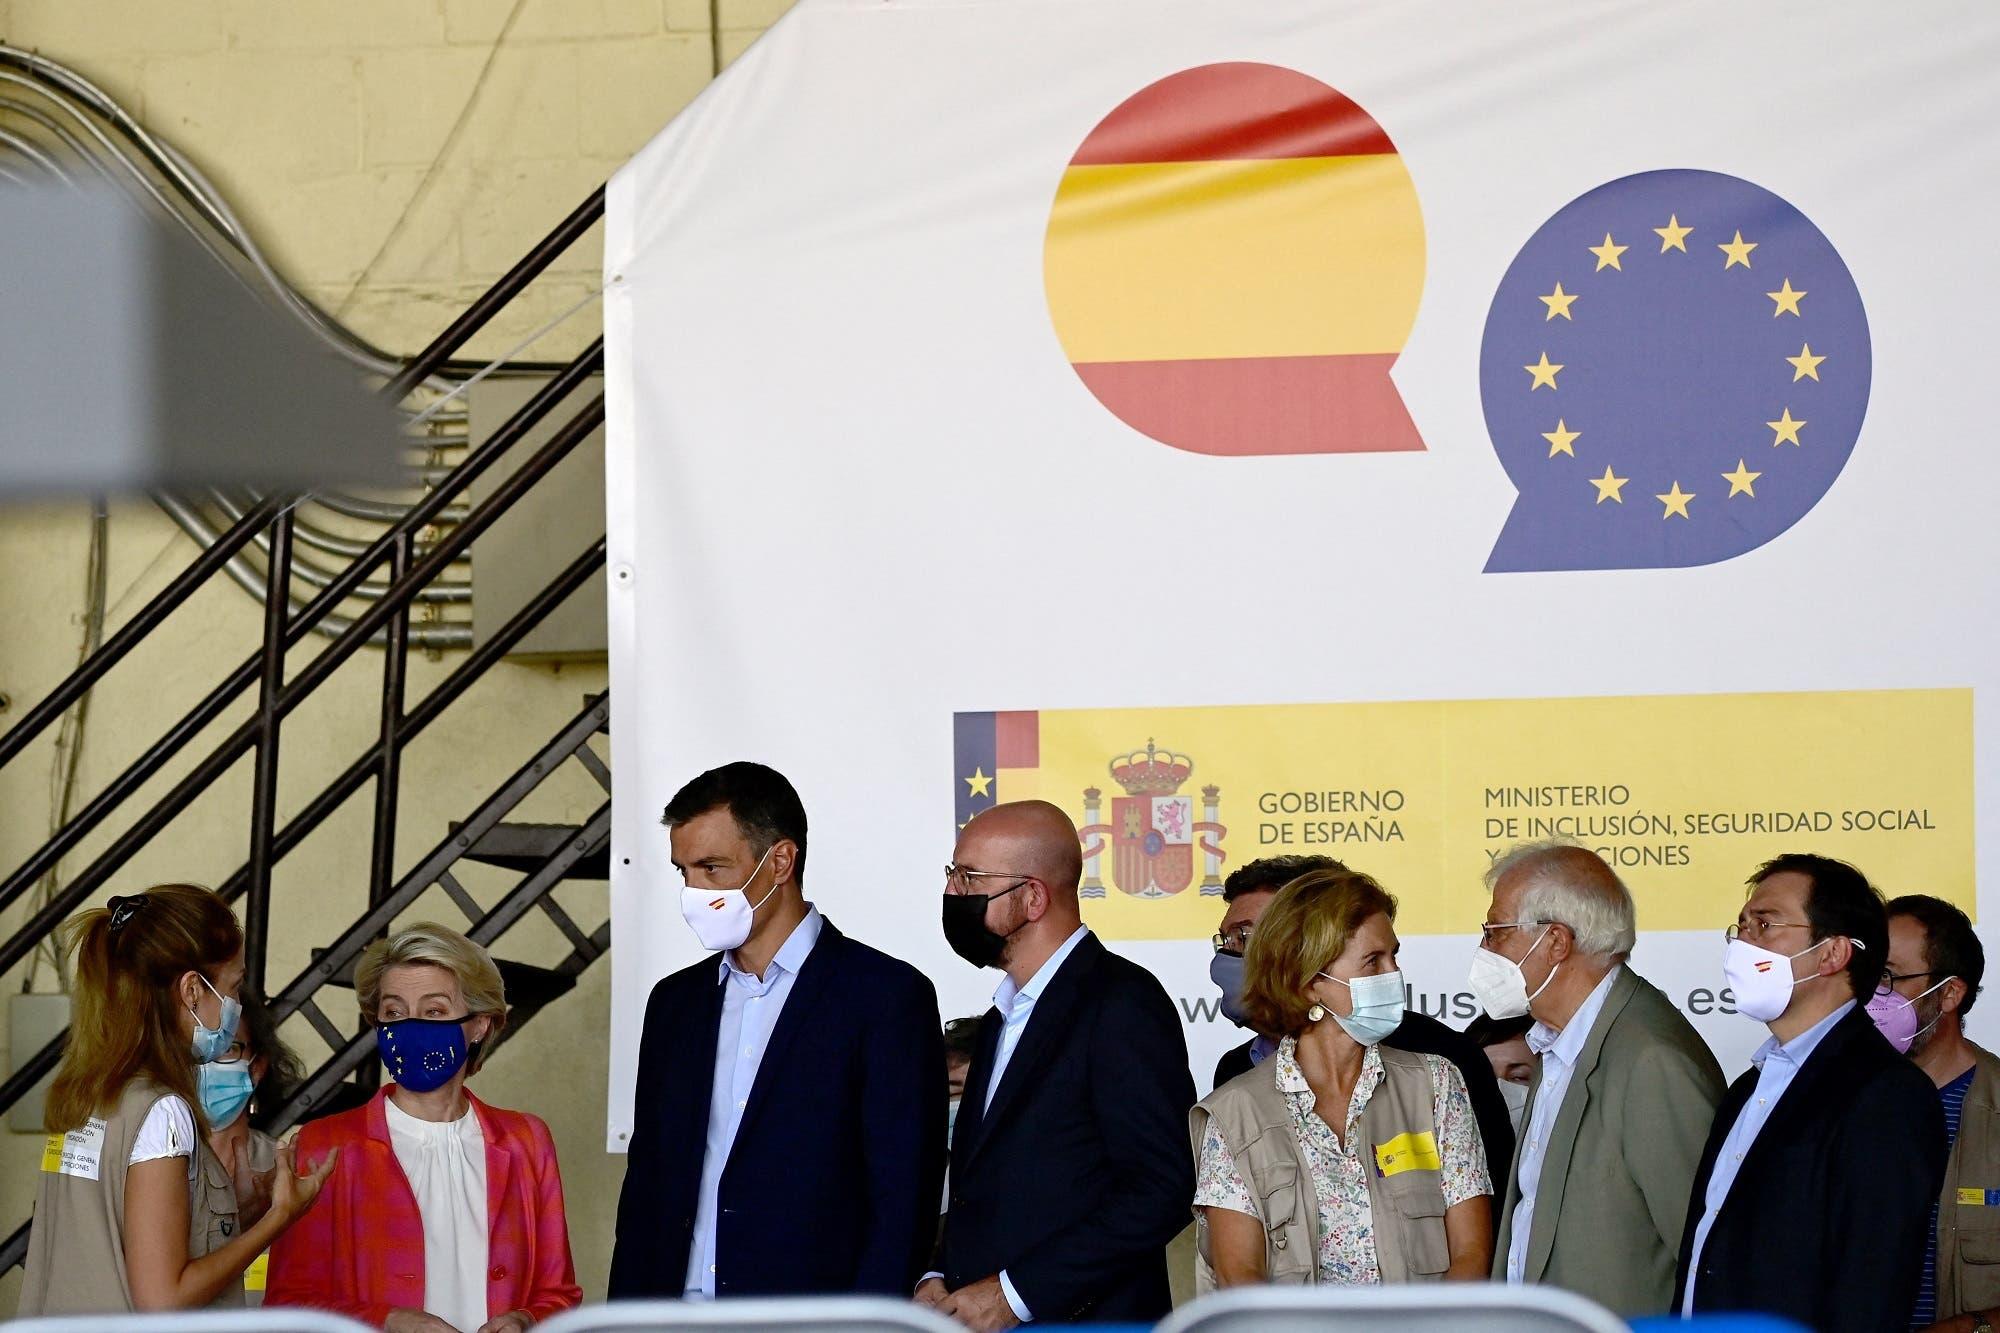 من مركز استقبال في مدريد لموظفين أفغان لدى مؤسسات تابعة للاتحاد الأوروبي